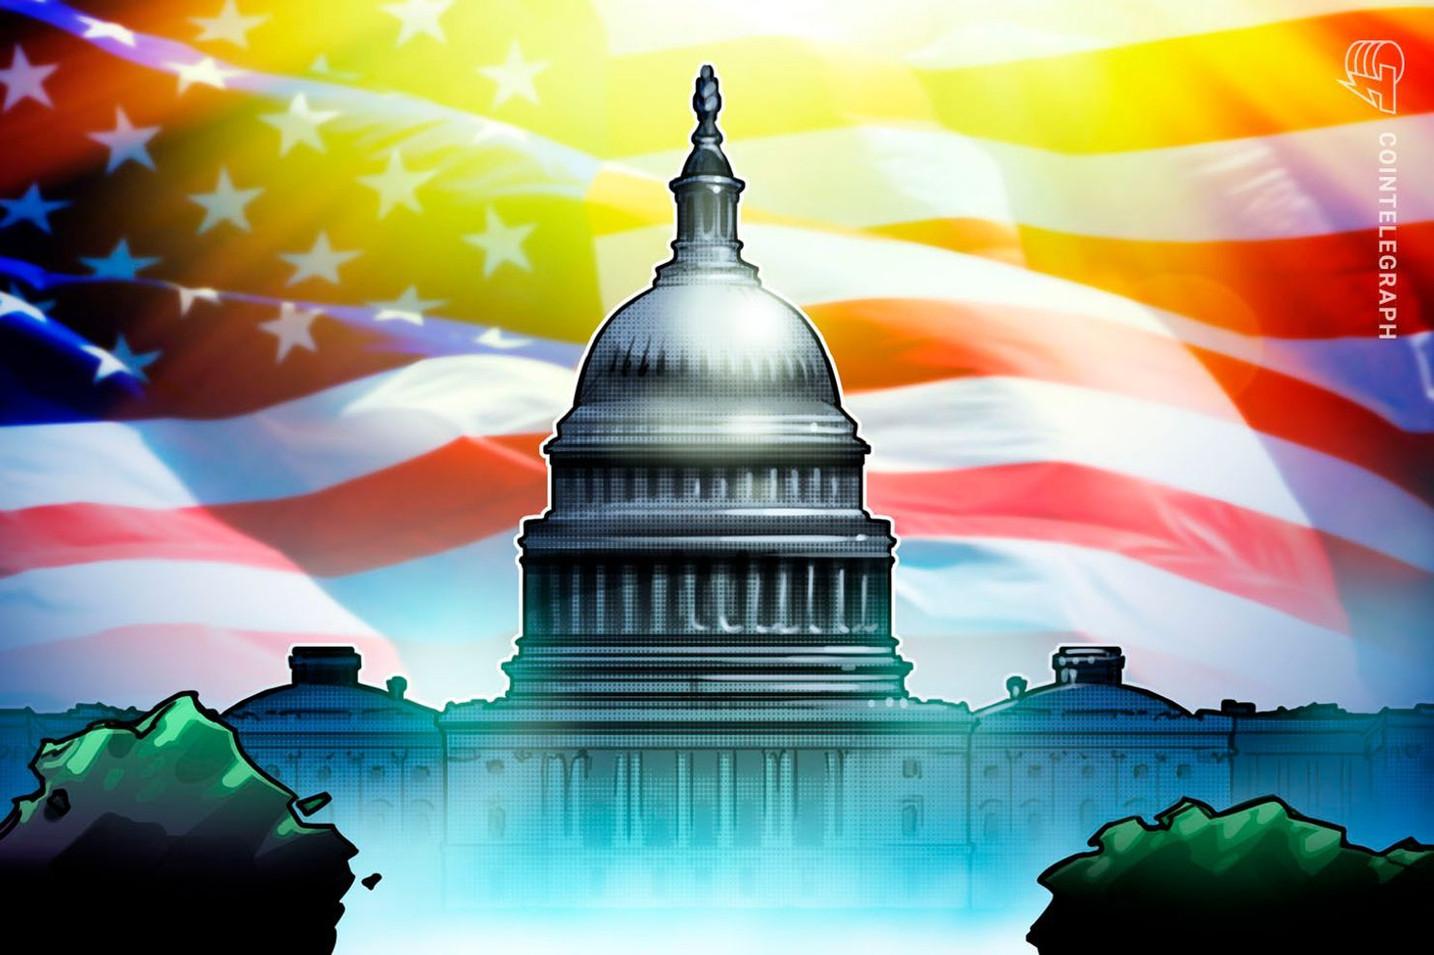 公約は「全市民に毎月1000ドル分の仮想通貨ビットコイン」、サイファーパンクのロップ氏が米大統領選出馬検討